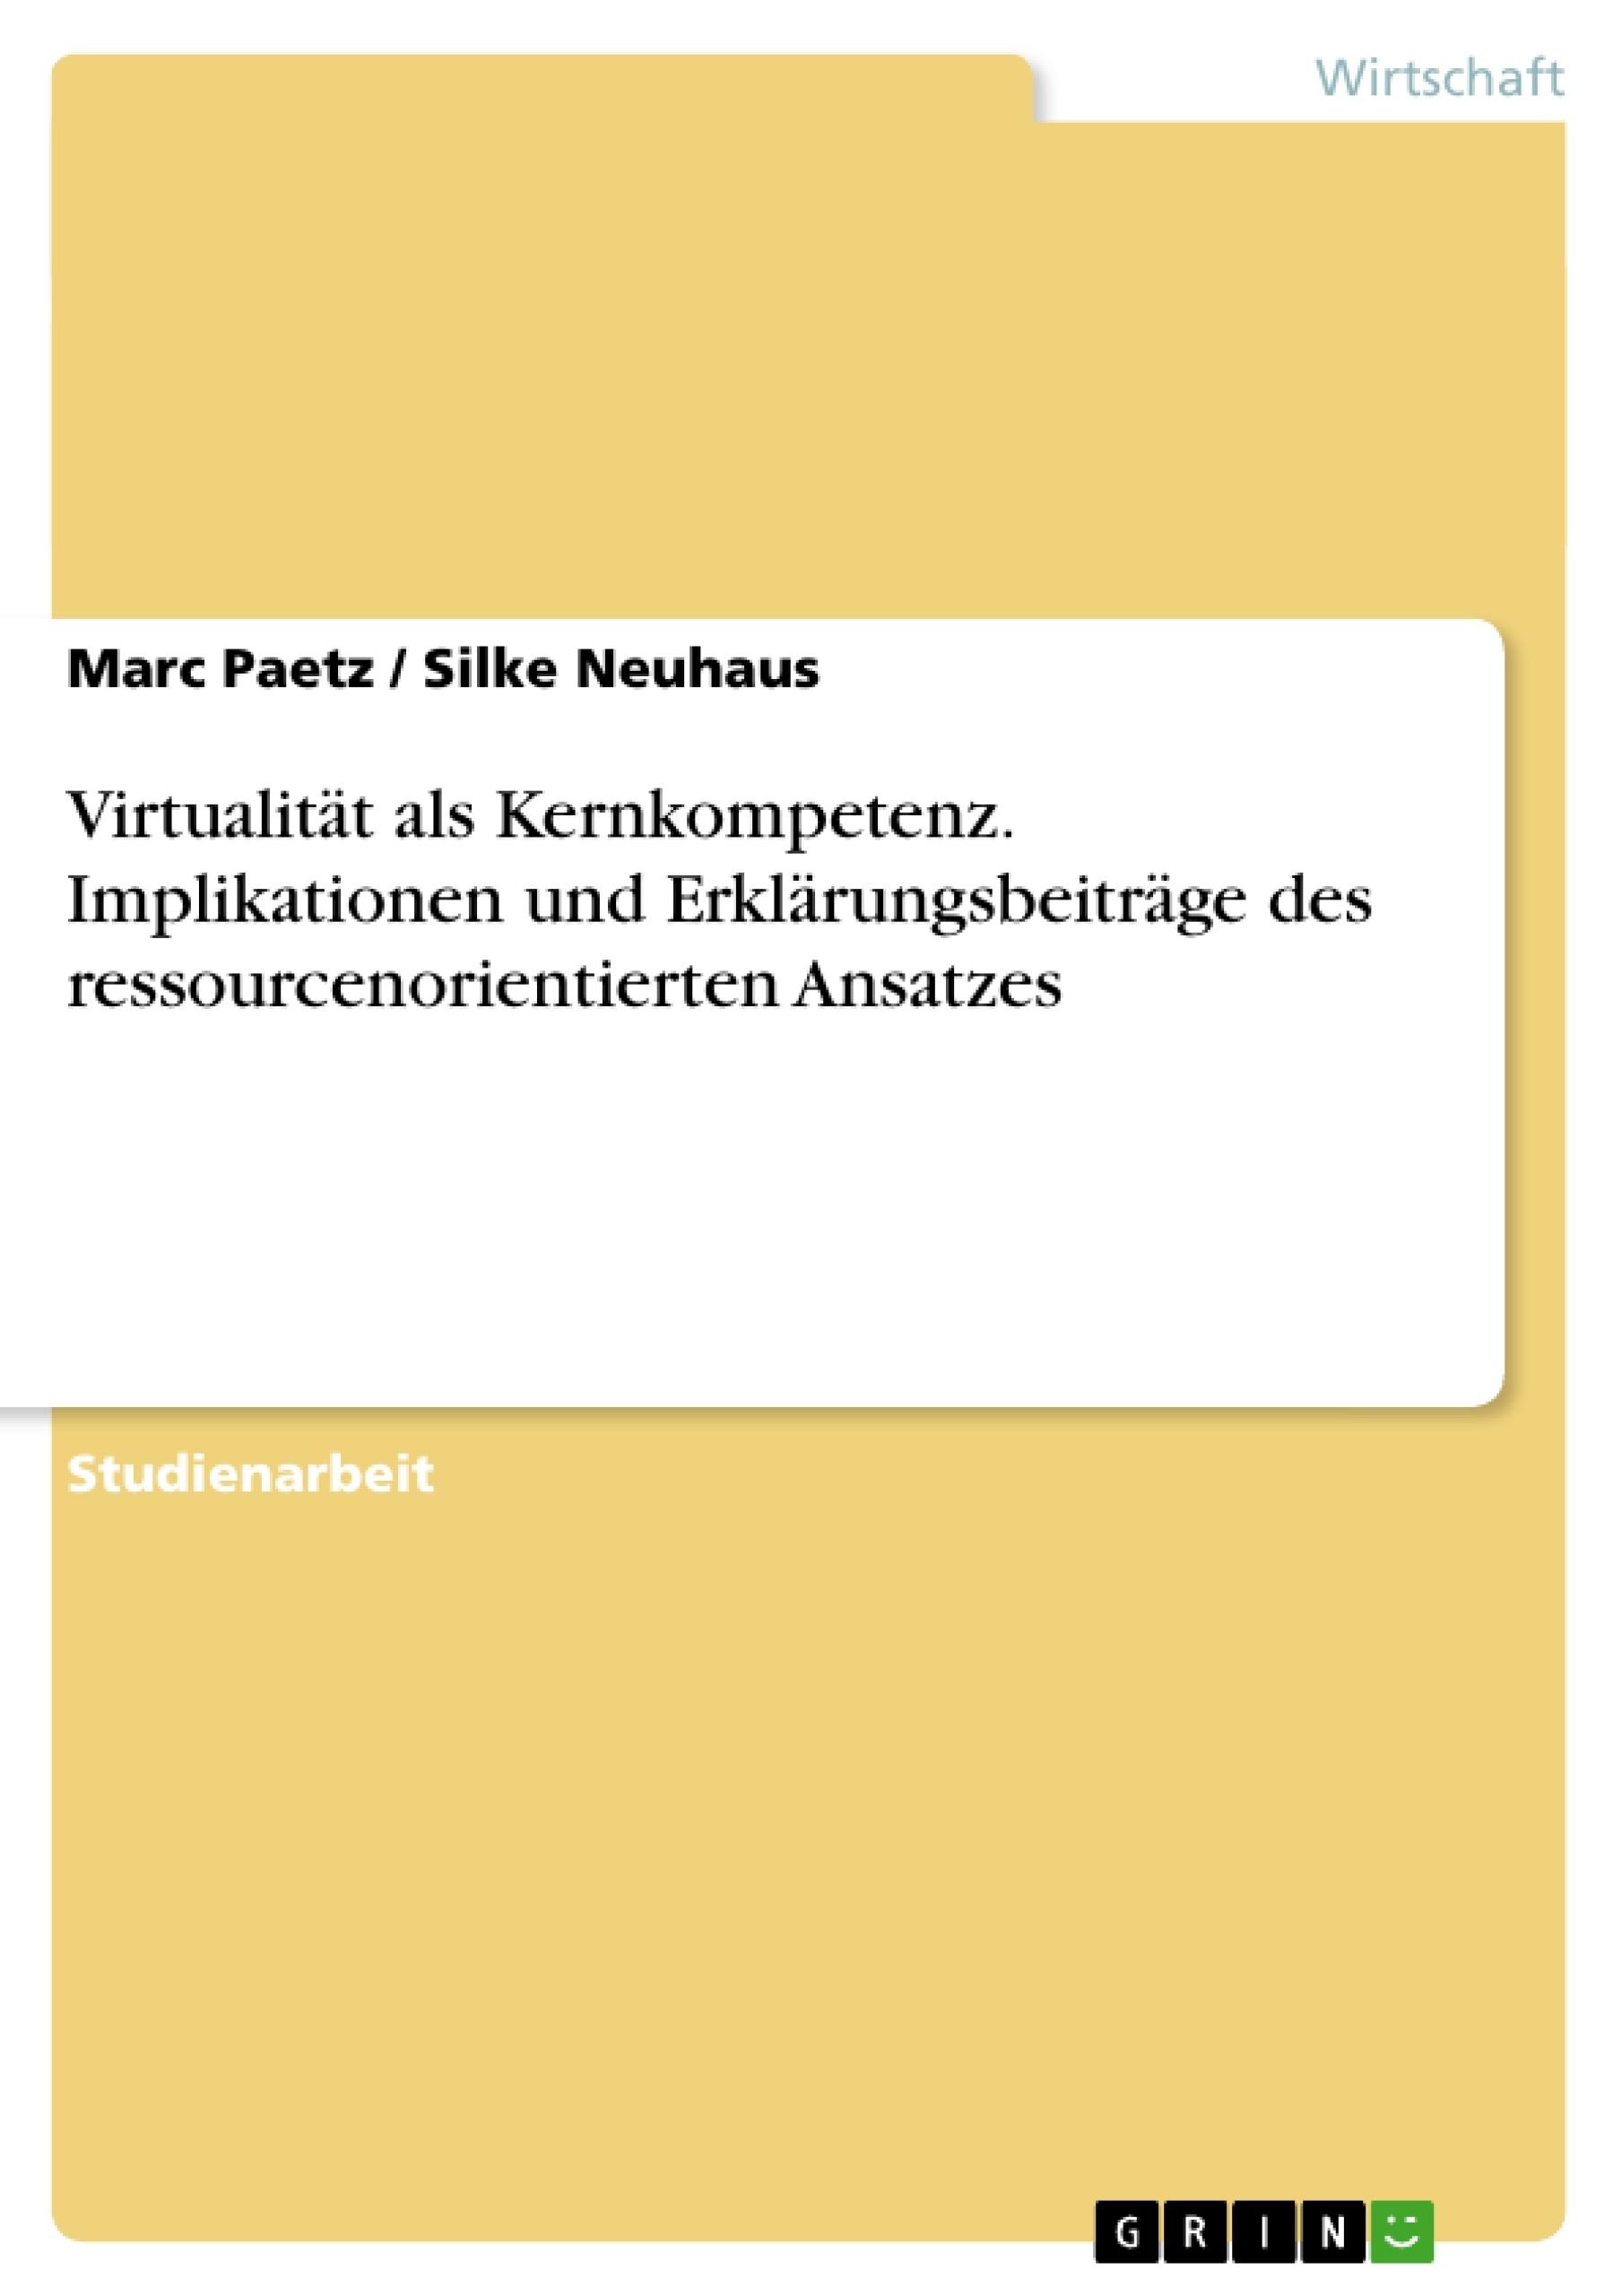 Titel: Virtualität als Kernkompetenz. Implikationen und Erklärungsbeiträge des ressourcenorientierten Ansatzes